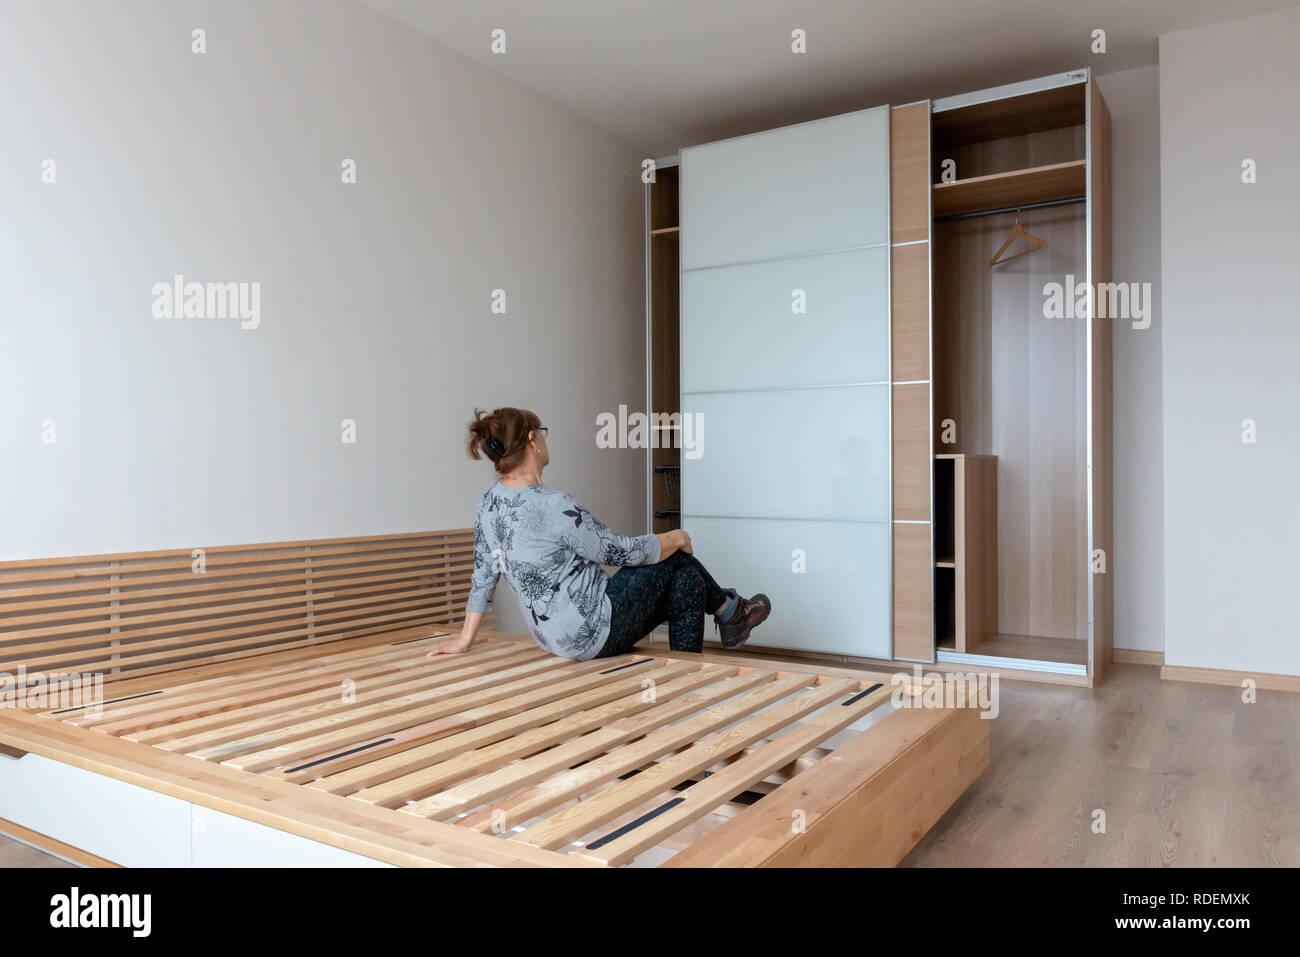 Frau Bewundert Ihre Brandneue Ikea Kleiderschrank In Neu Eingerichteten Duplex Schlafzimmer Und Sitzbereich Auf Bett Aus Holz Neue Home Konzept Stockfotografie Alamy